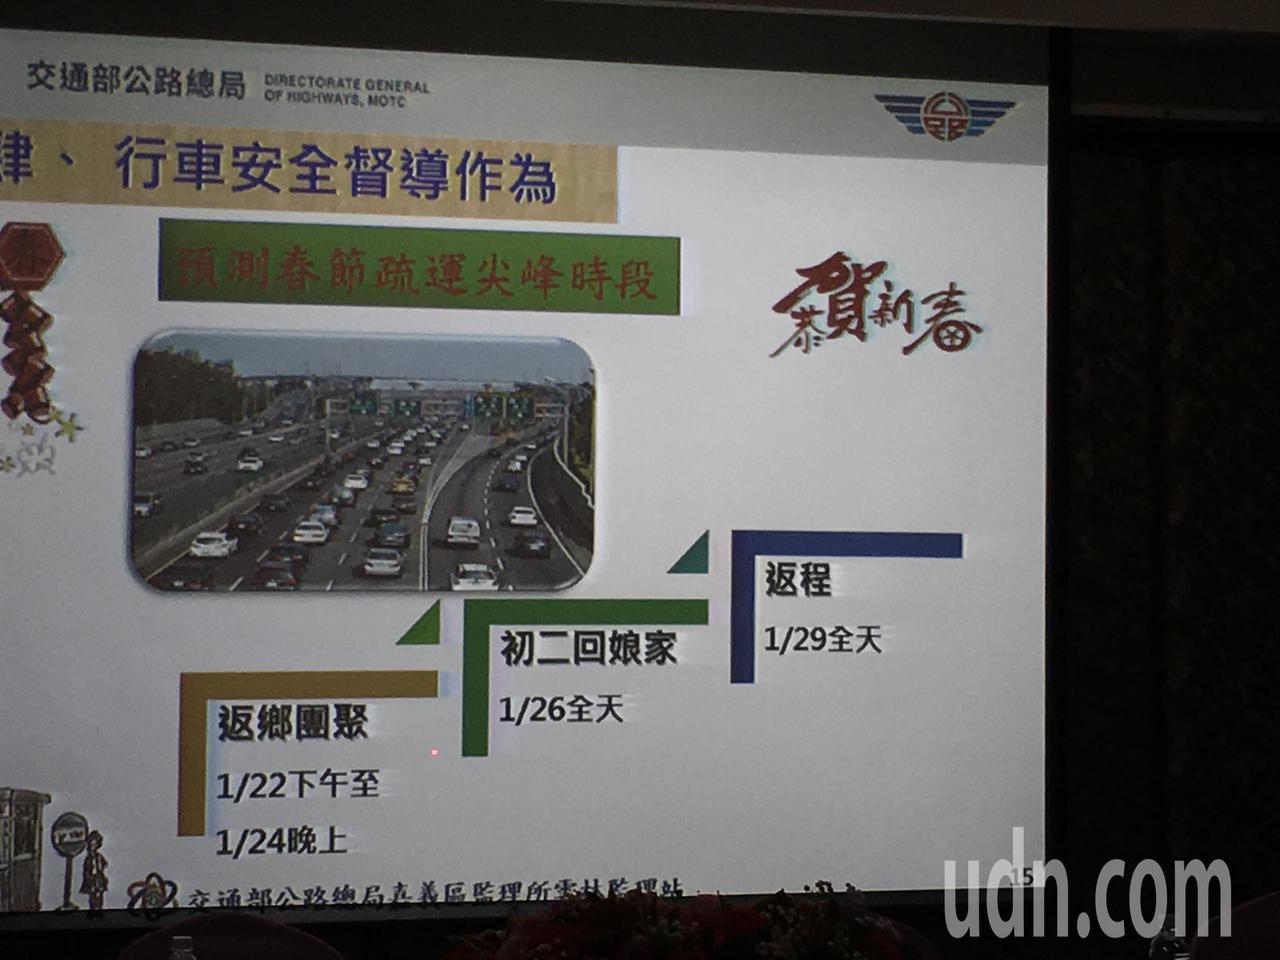 雲林監理站長吳孟峰表示,春節返鄉車潮預估從1月22日下午湧現到24日晚上,1月2...